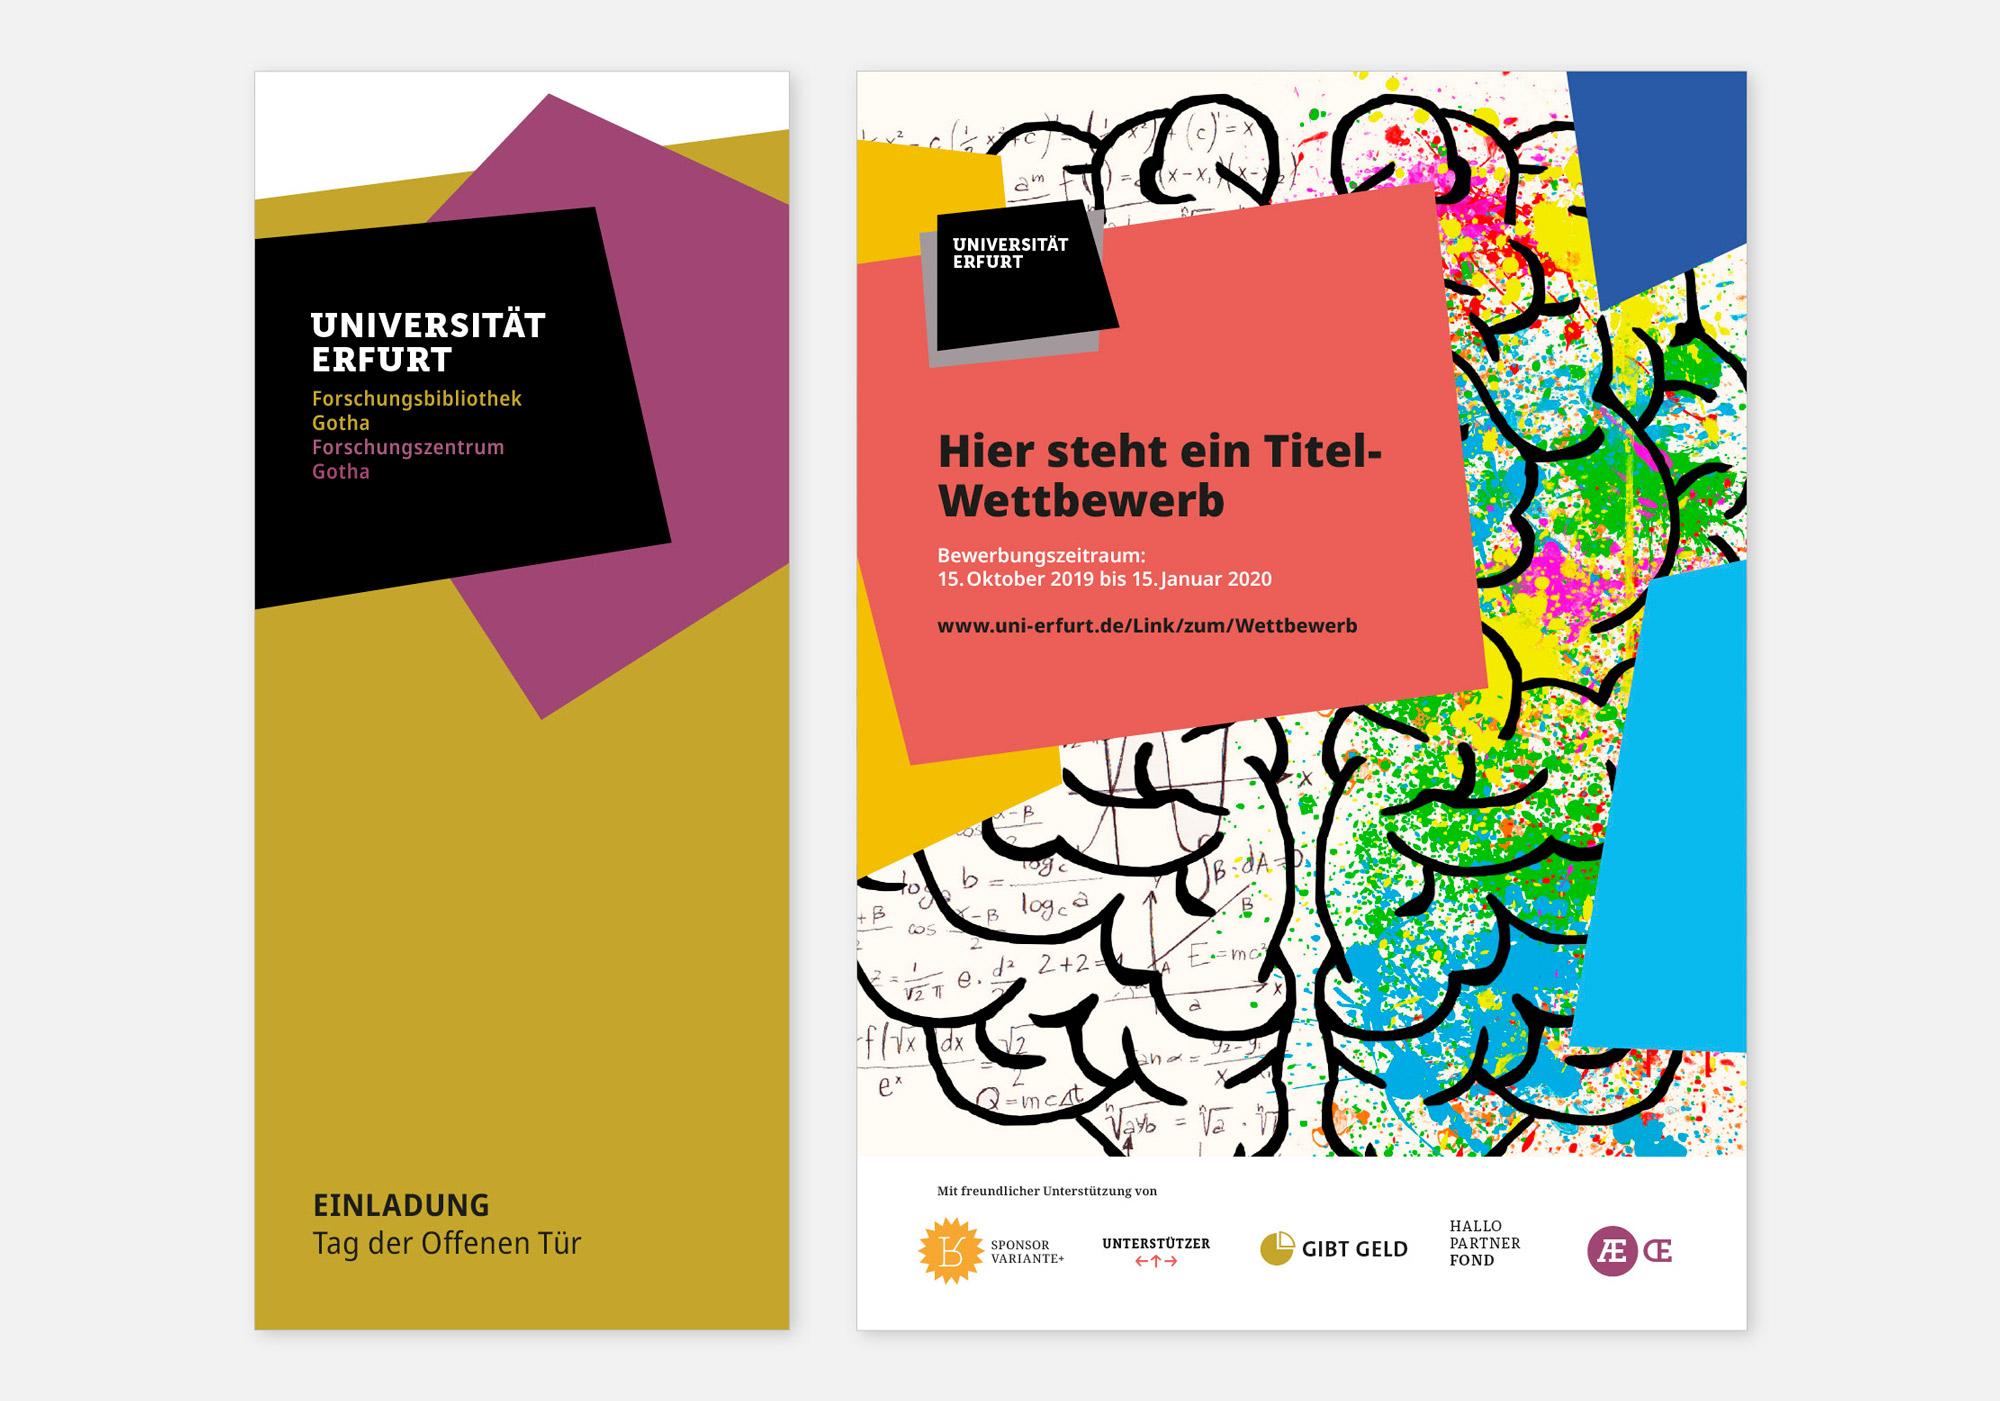 19-CD-Uni-Erfurt-13-web